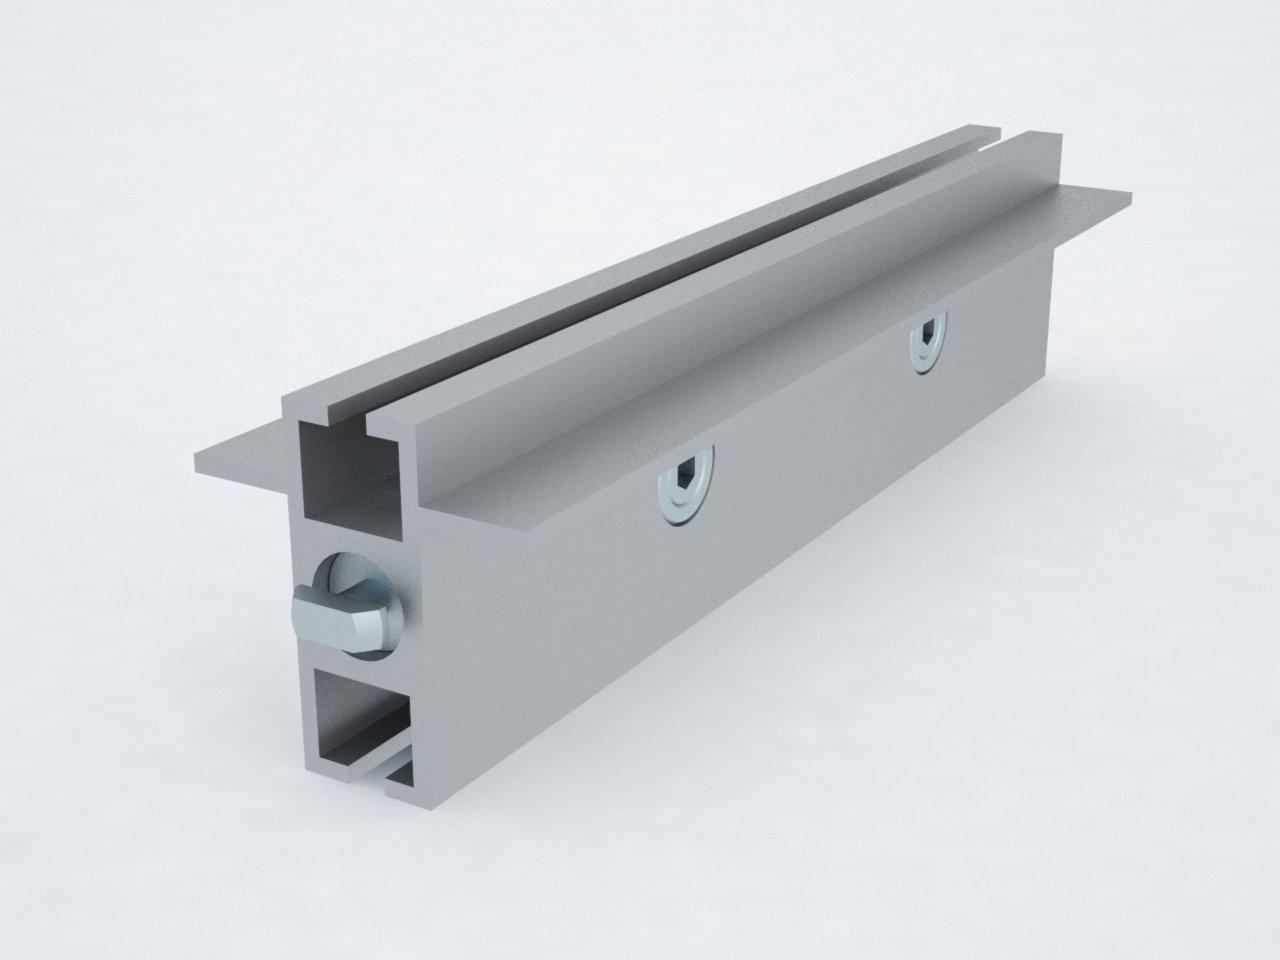 T400B perfil travessa alumínio montagem stands estruturas octanorm